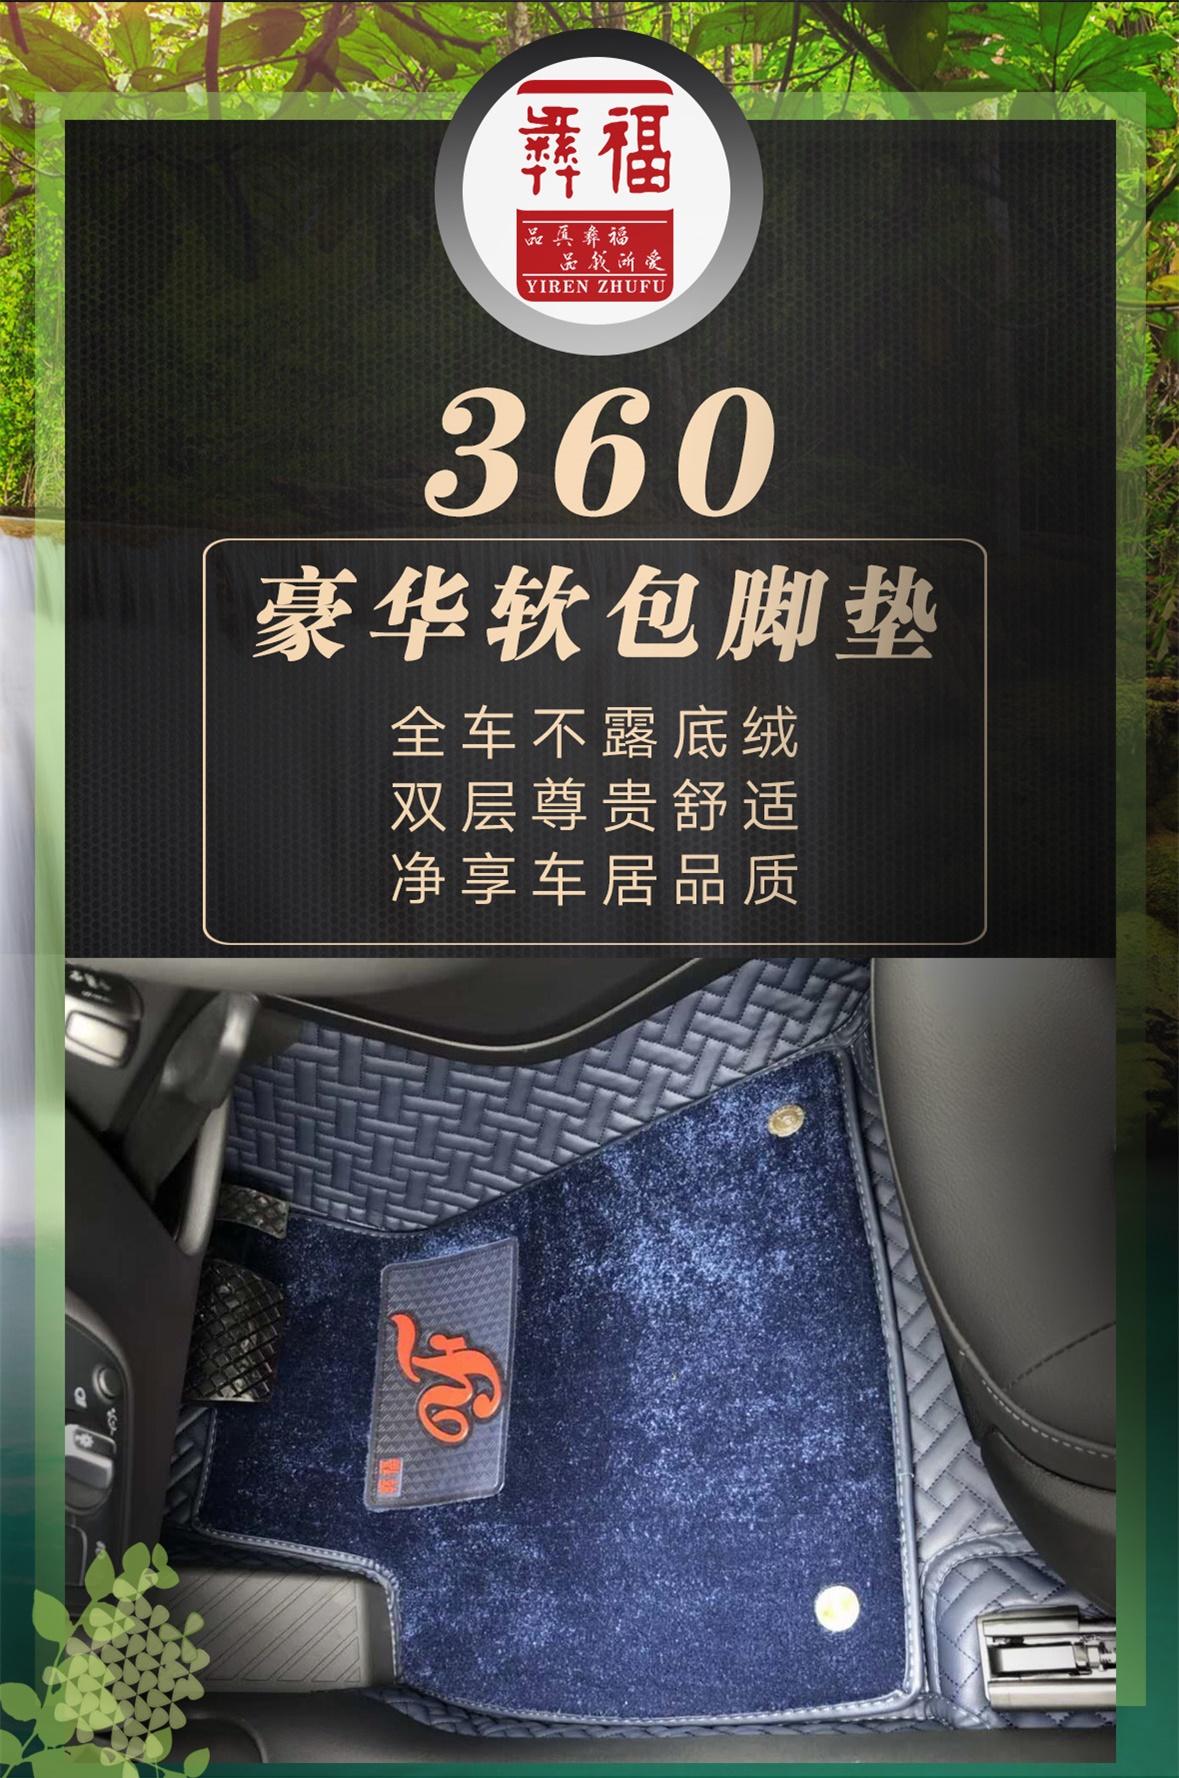 01-定義360-1180.jpg